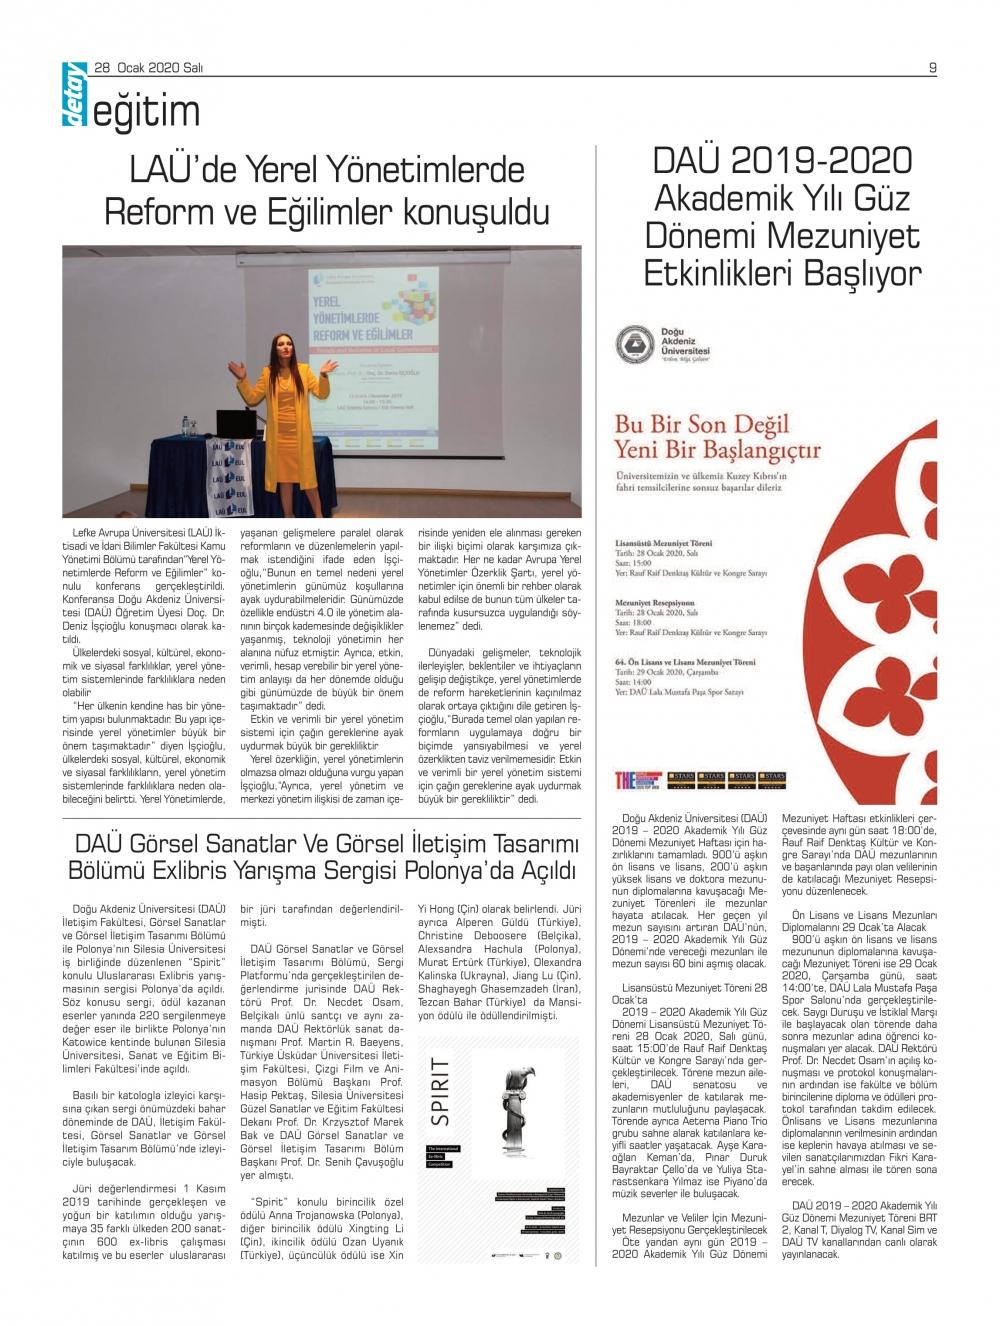 Detay Gazetes 22 Ocak 2020'da ne yazdı? galerisi resim 14